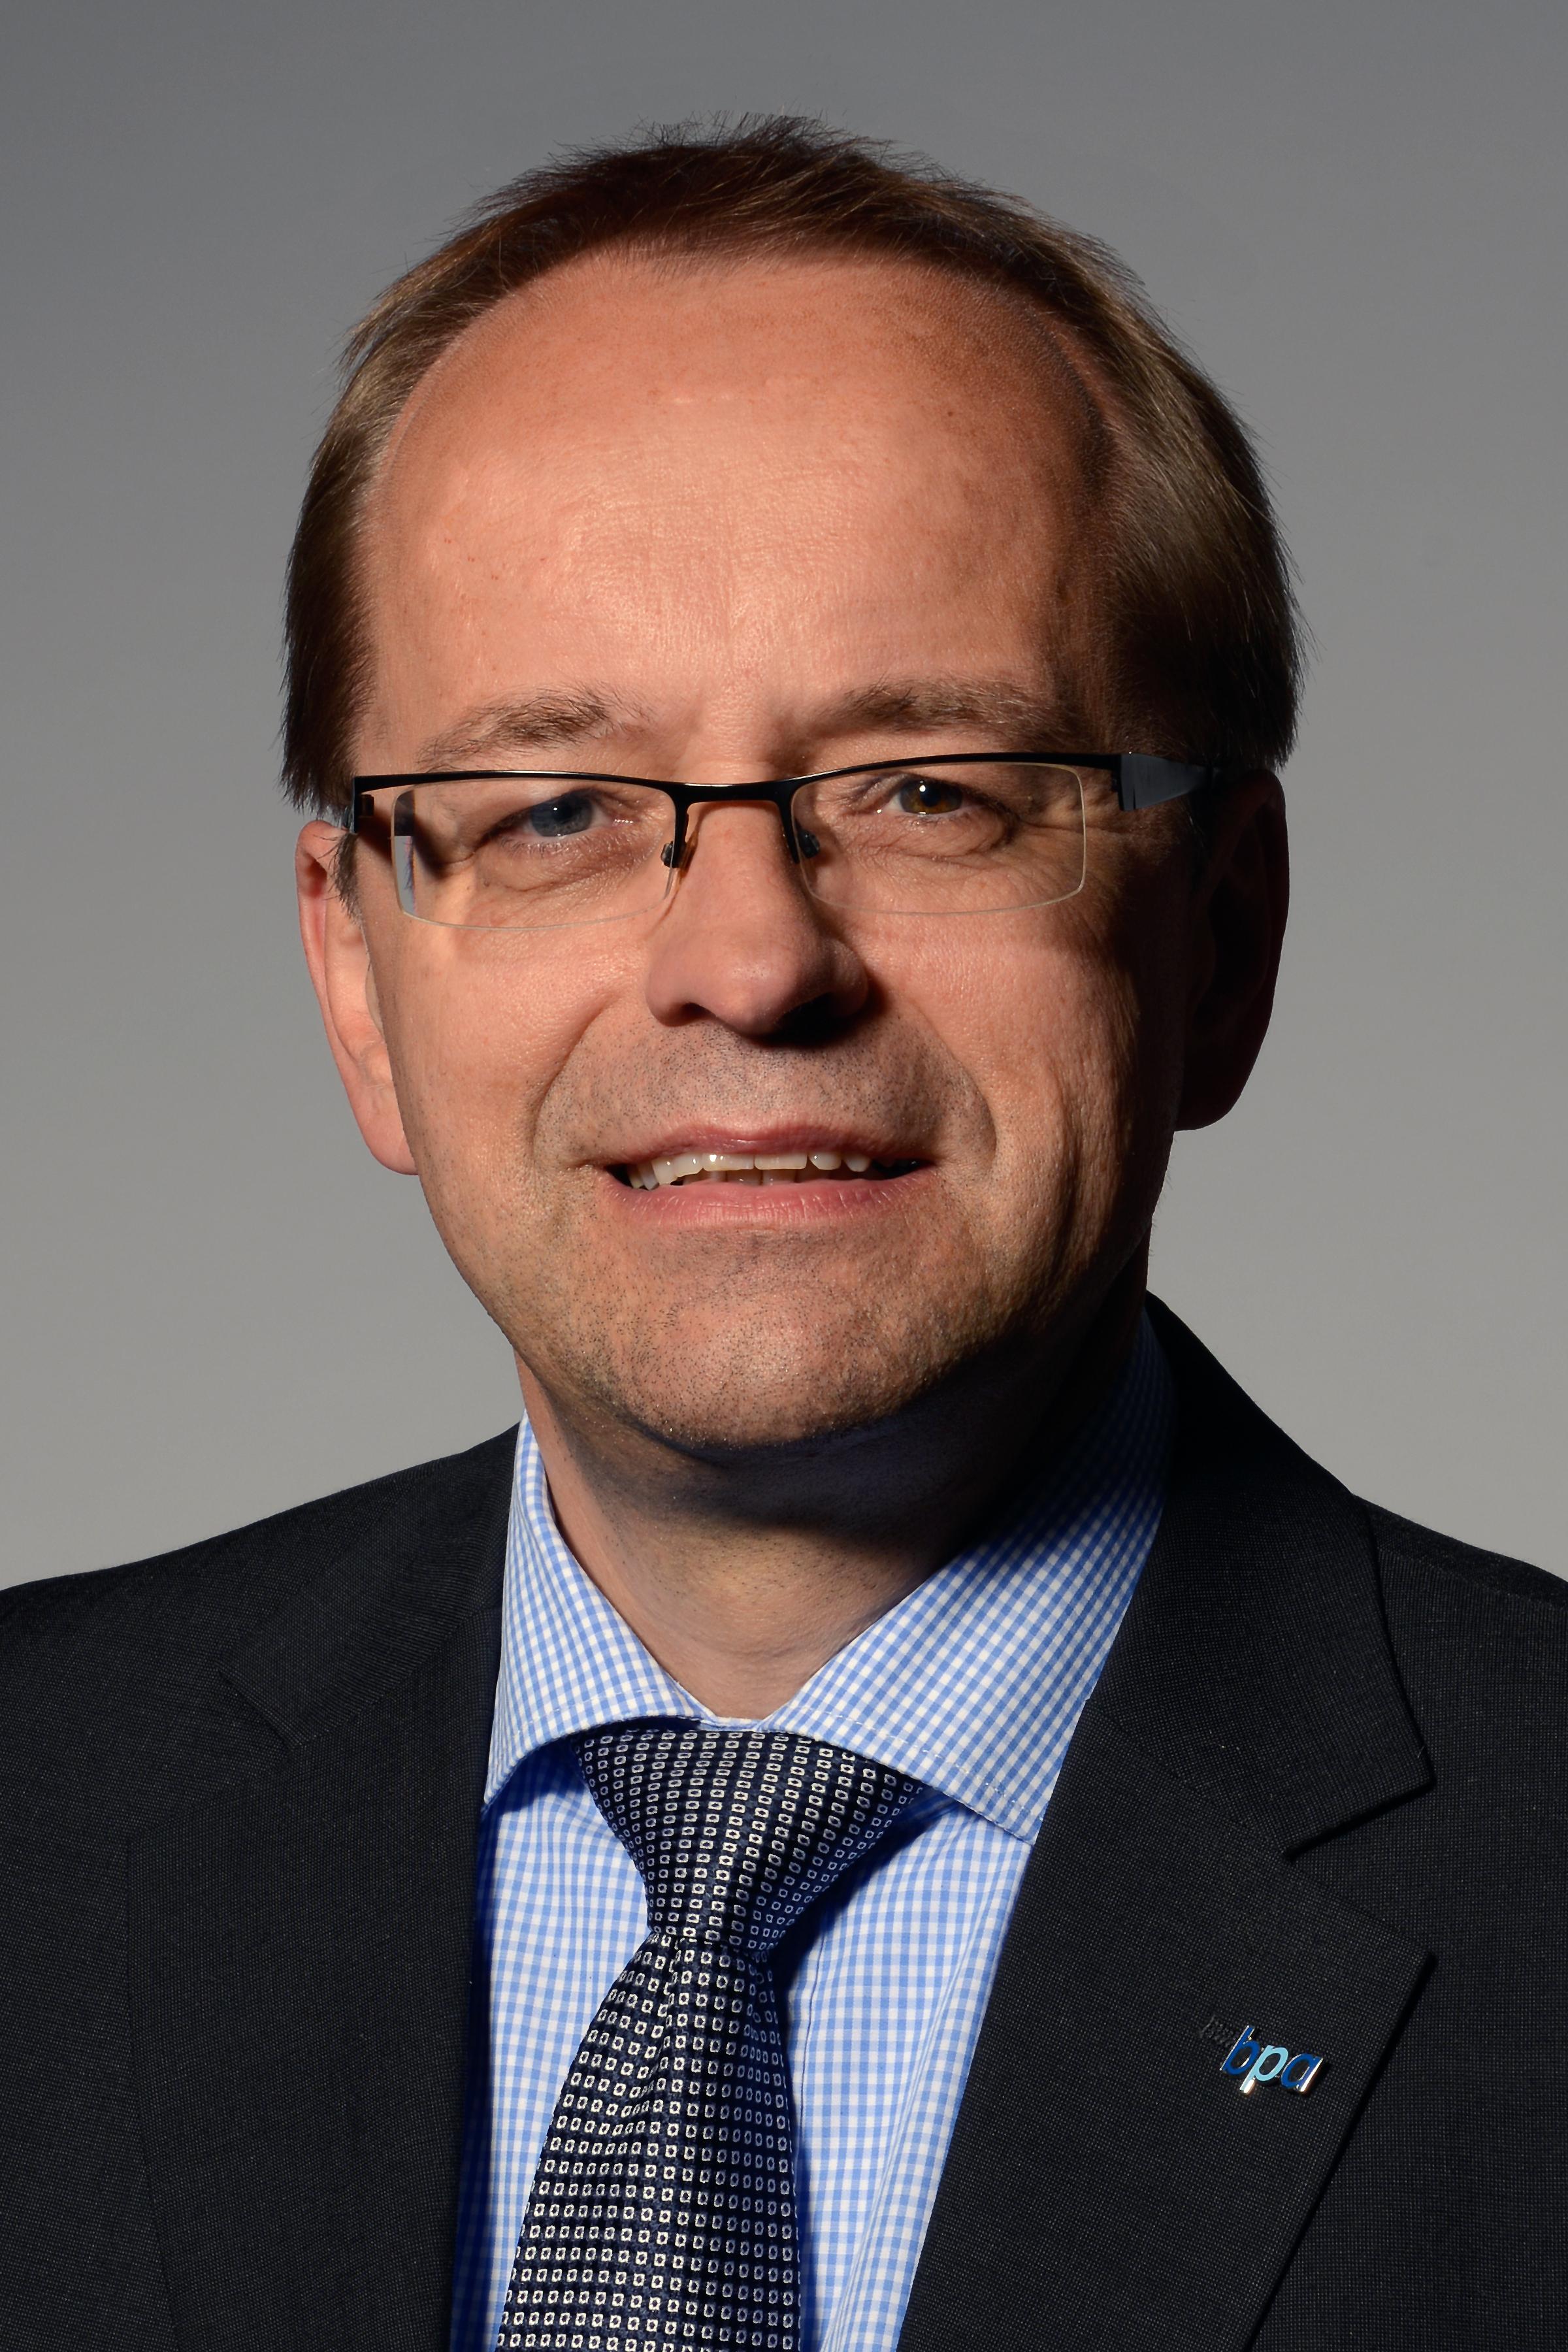 Bernd Tews